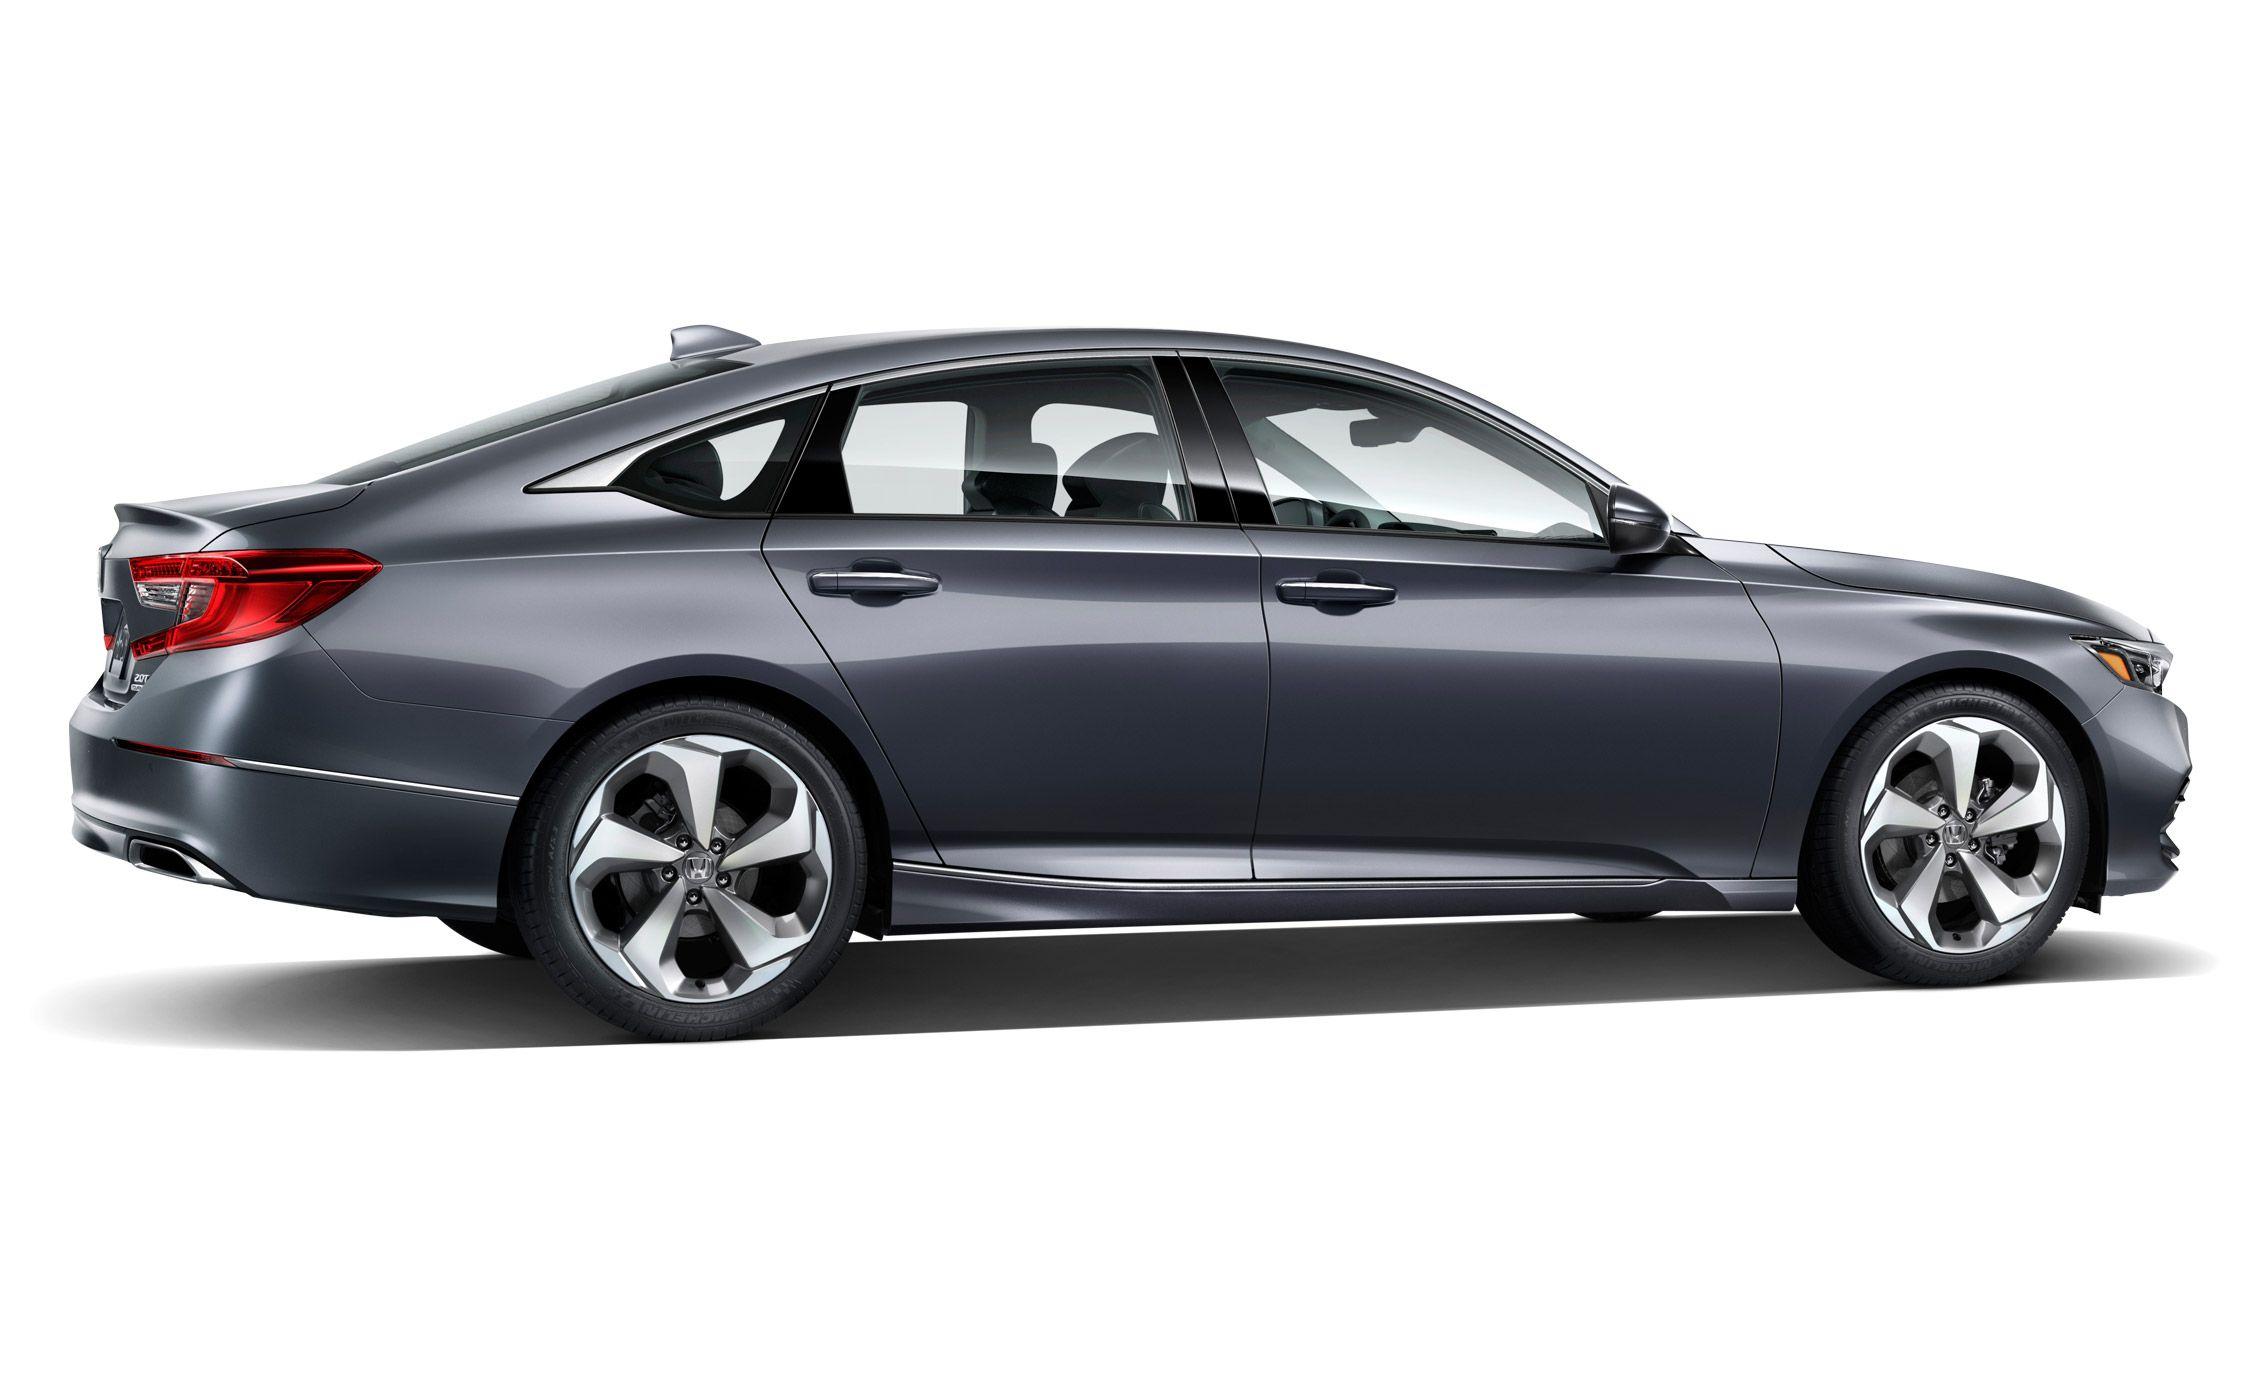 New Cars for 2018: Honda